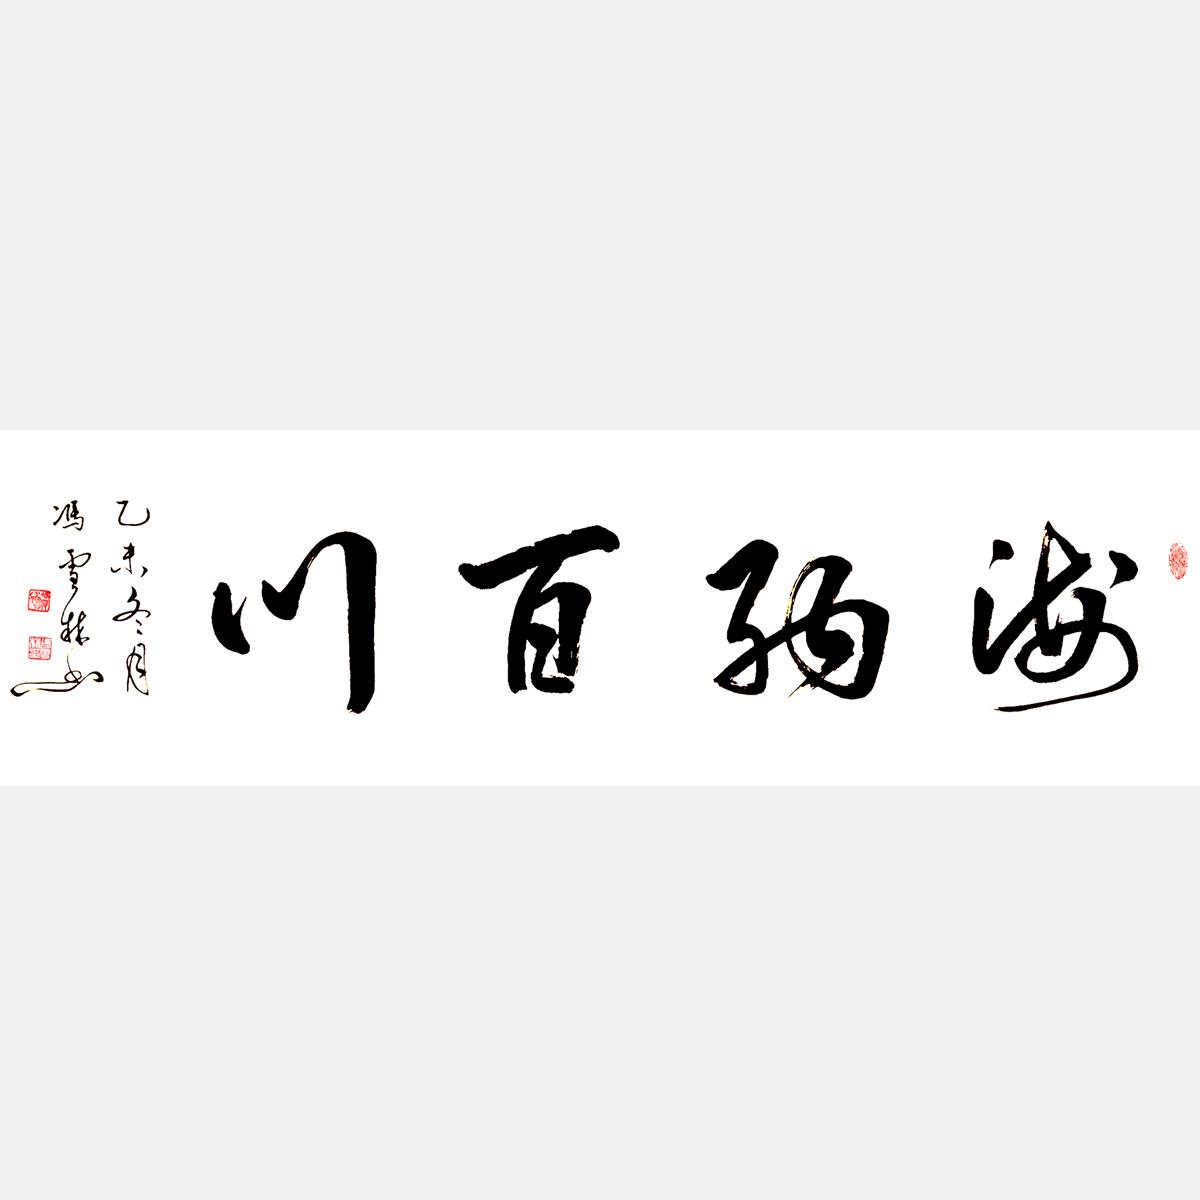 海纳百川书法作品欣赏 名家书法海纳百川 行书四尺横幅字画 中华民族精神